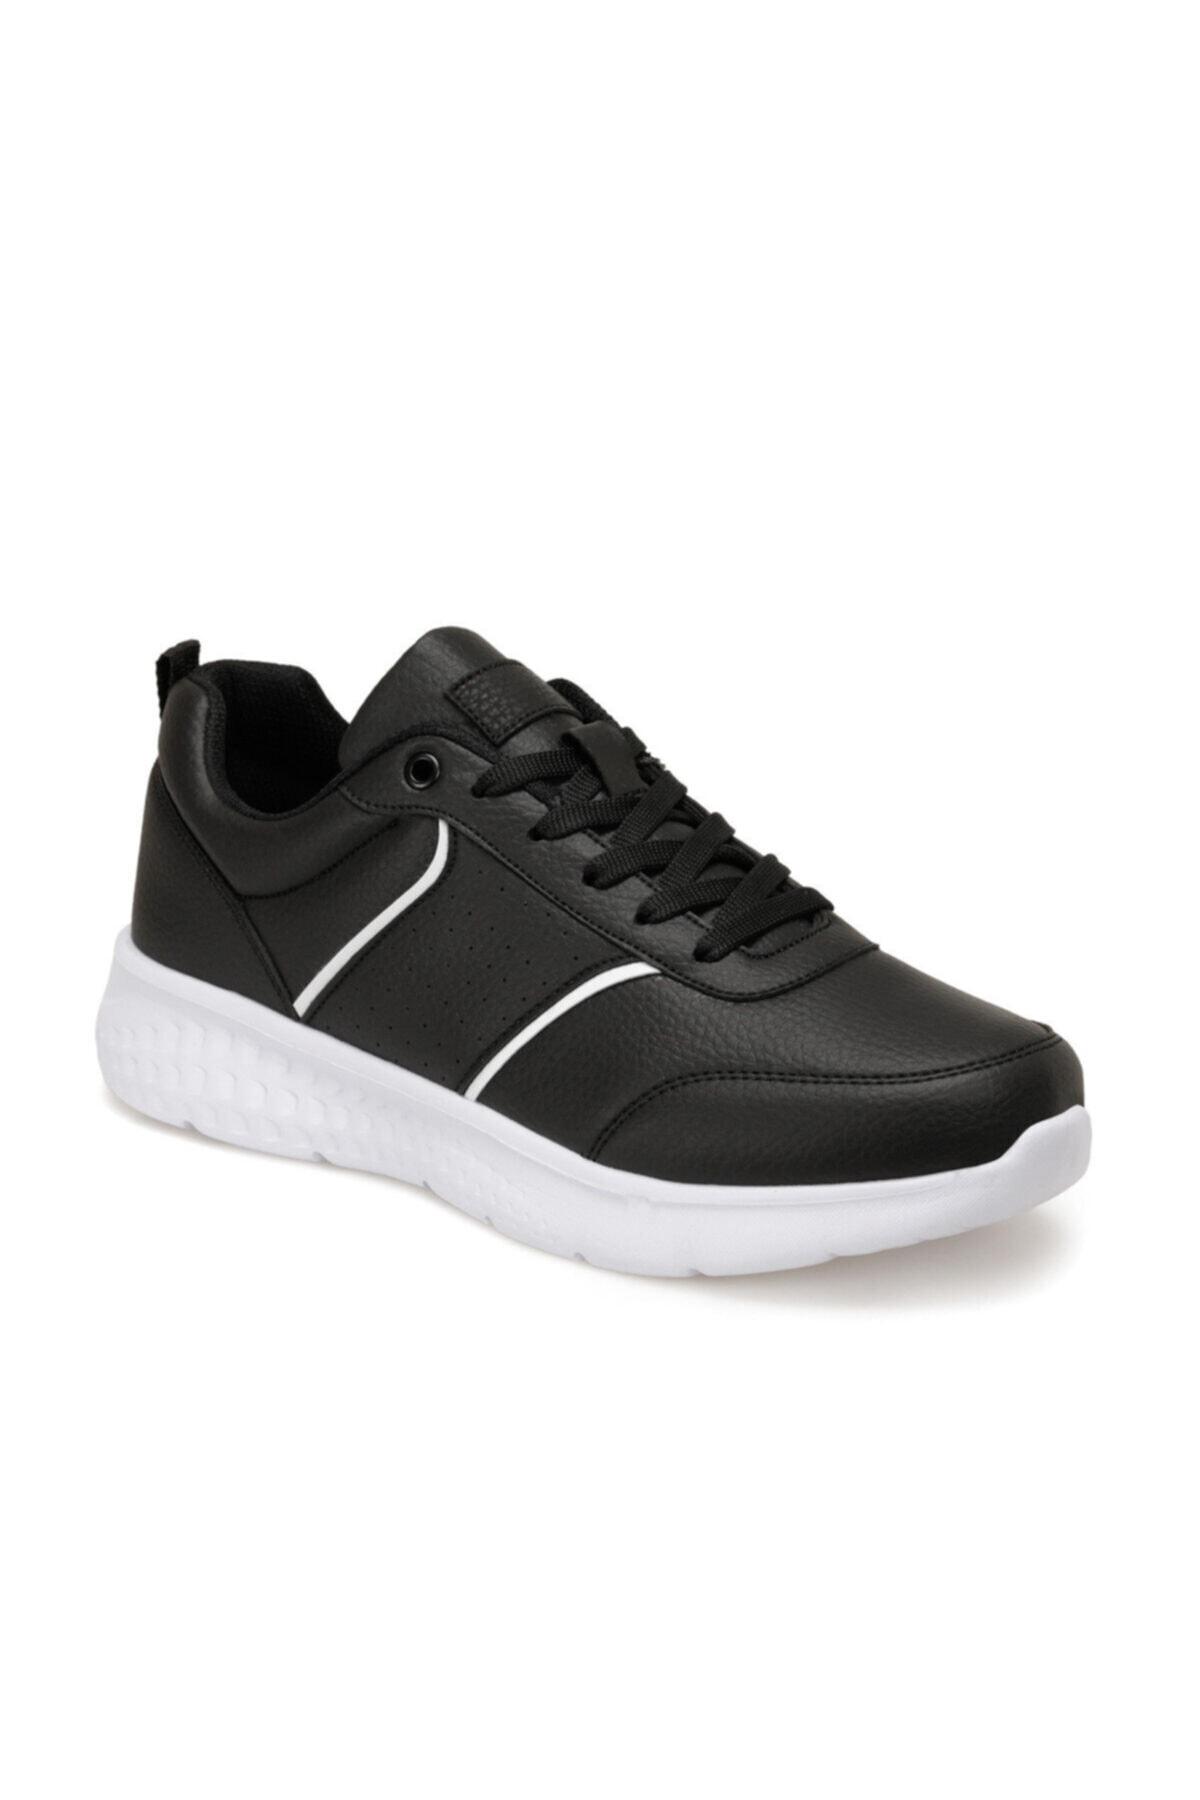 FORESTER EC-2009 Siyah Erkek Spor Ayakkabı 101015664 1